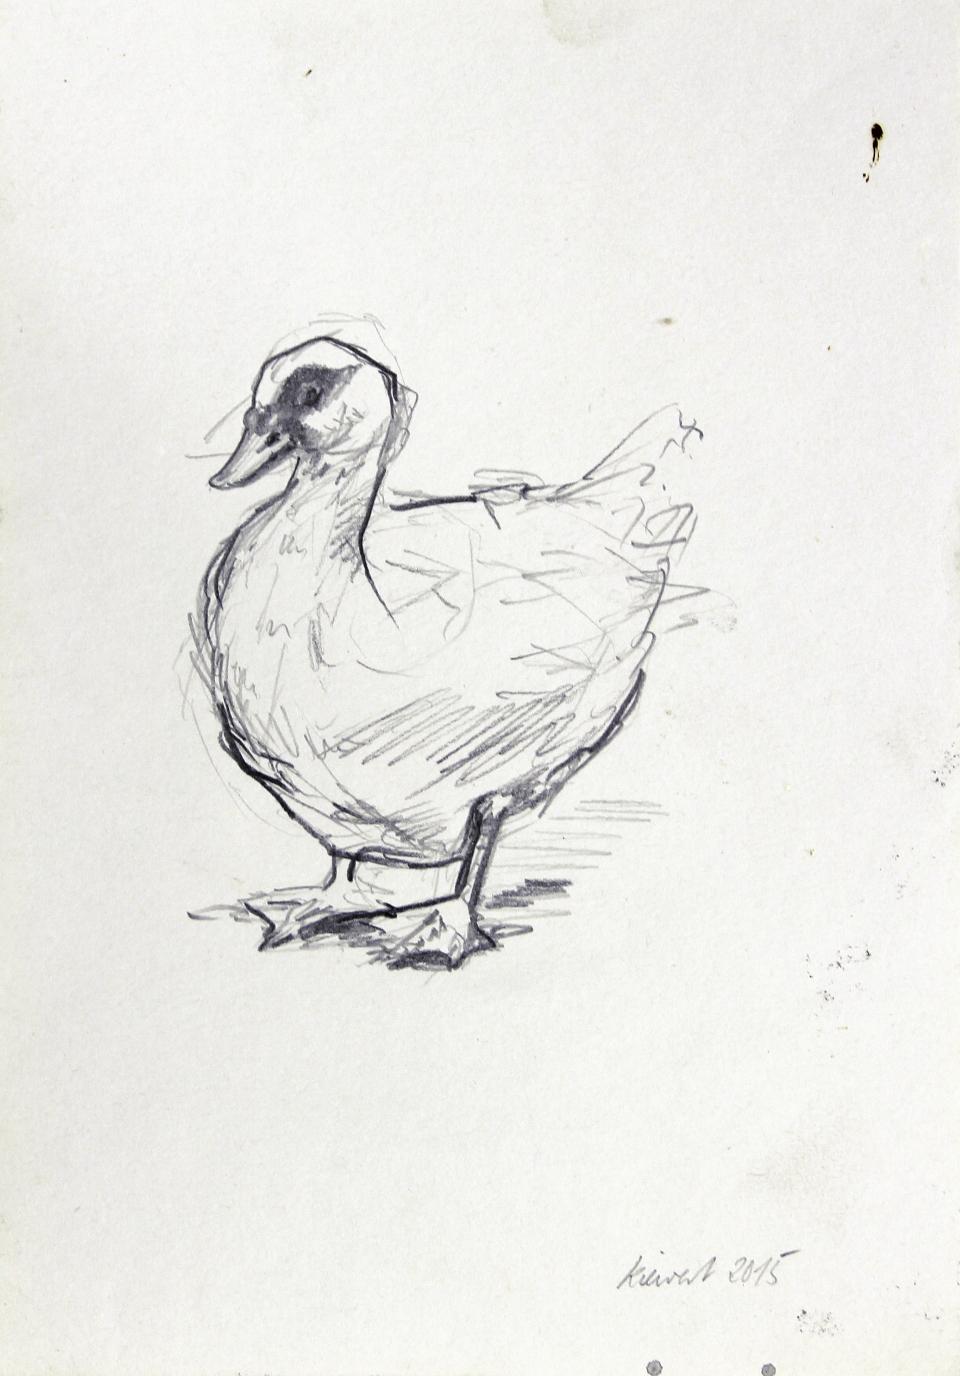 Hartmut Kiewert: *Warzenente*, 2015, Bleistift/Papier, 27 x 18,5 cm